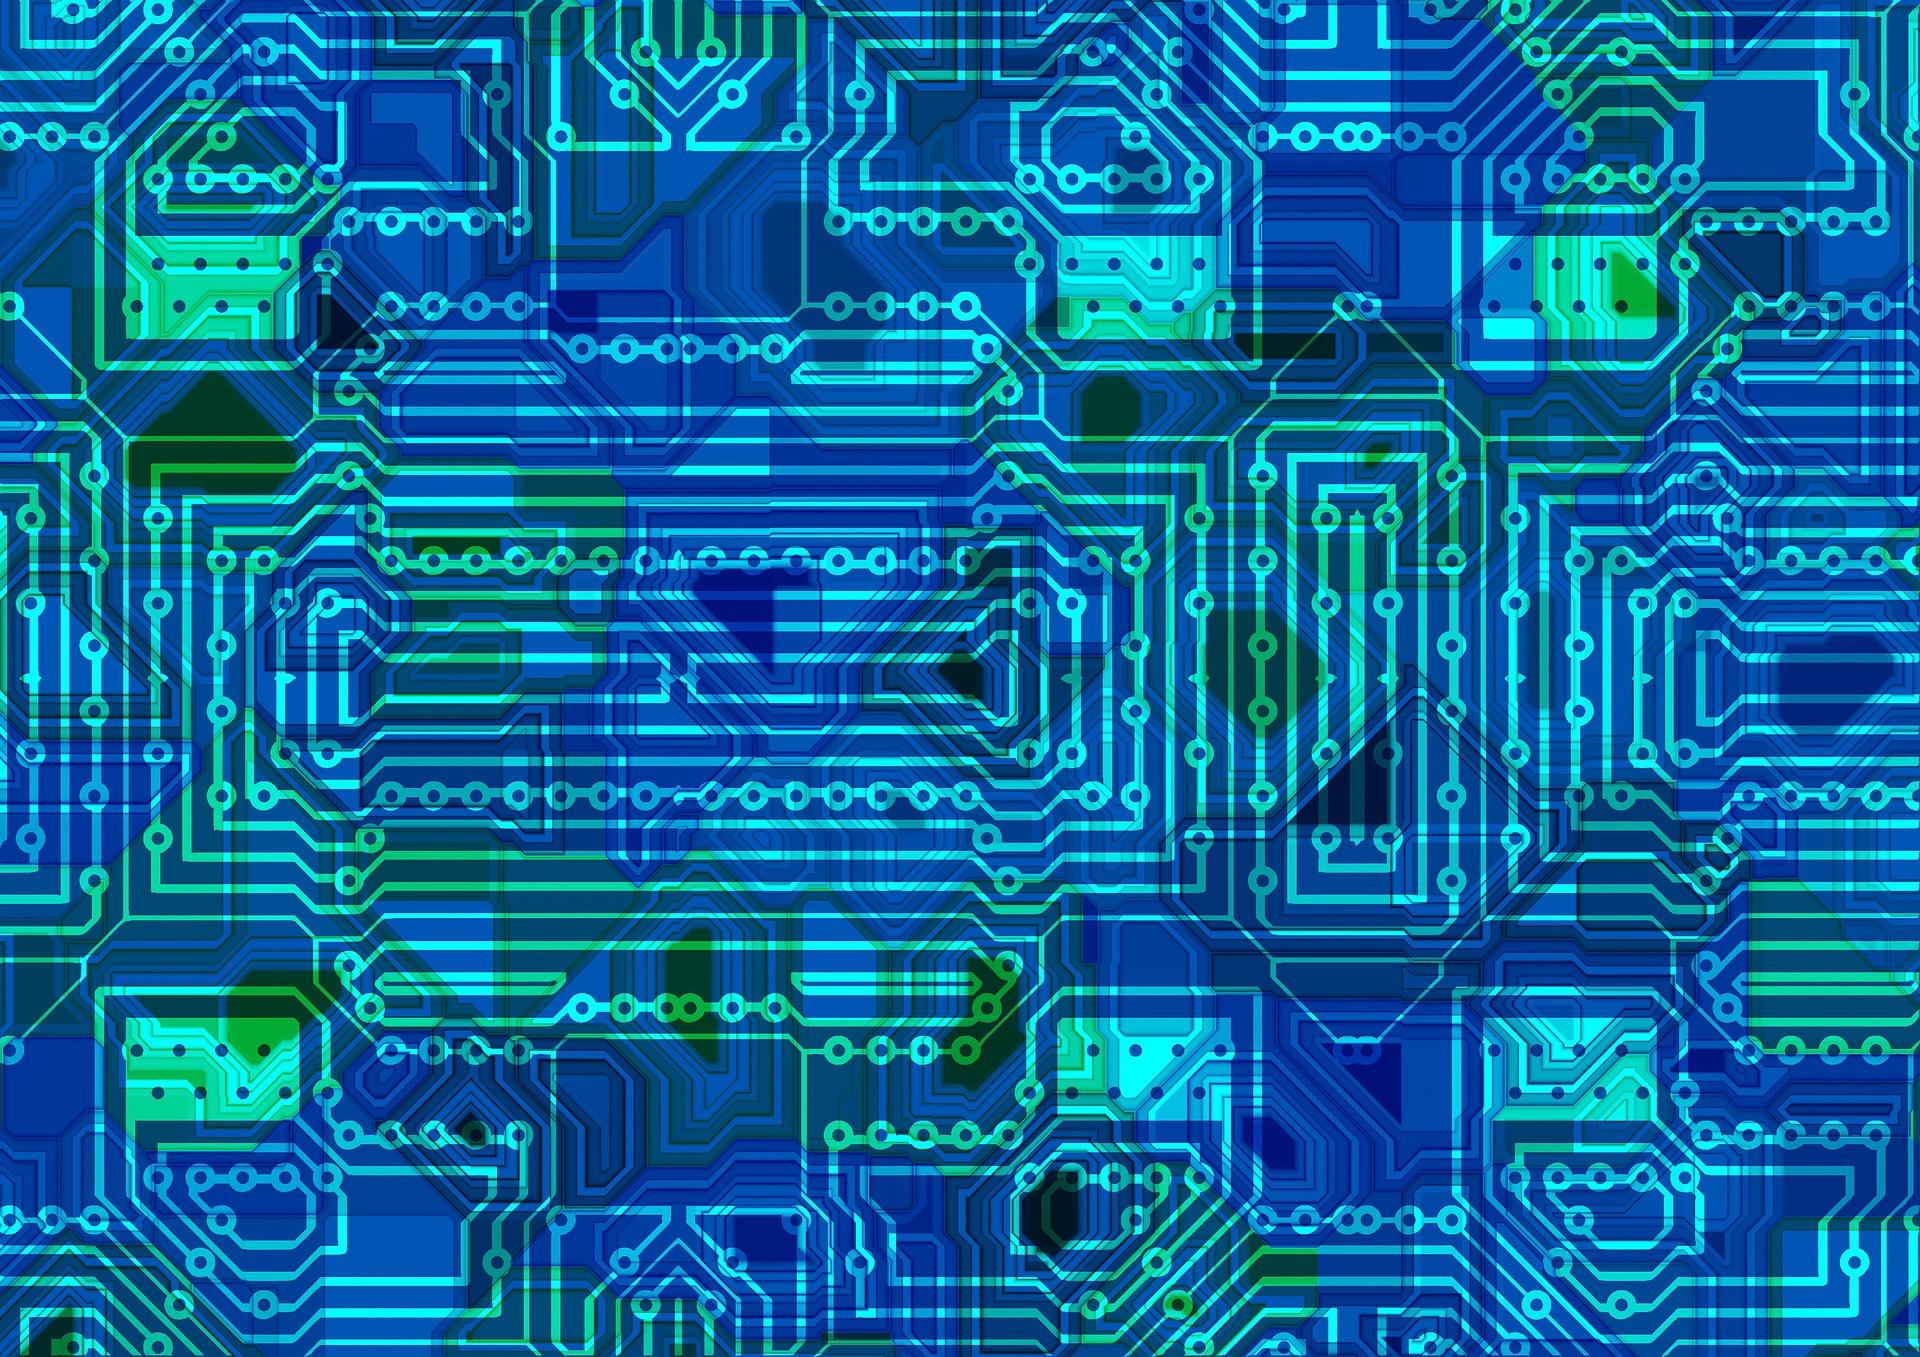 circuitos impressos flexíveis